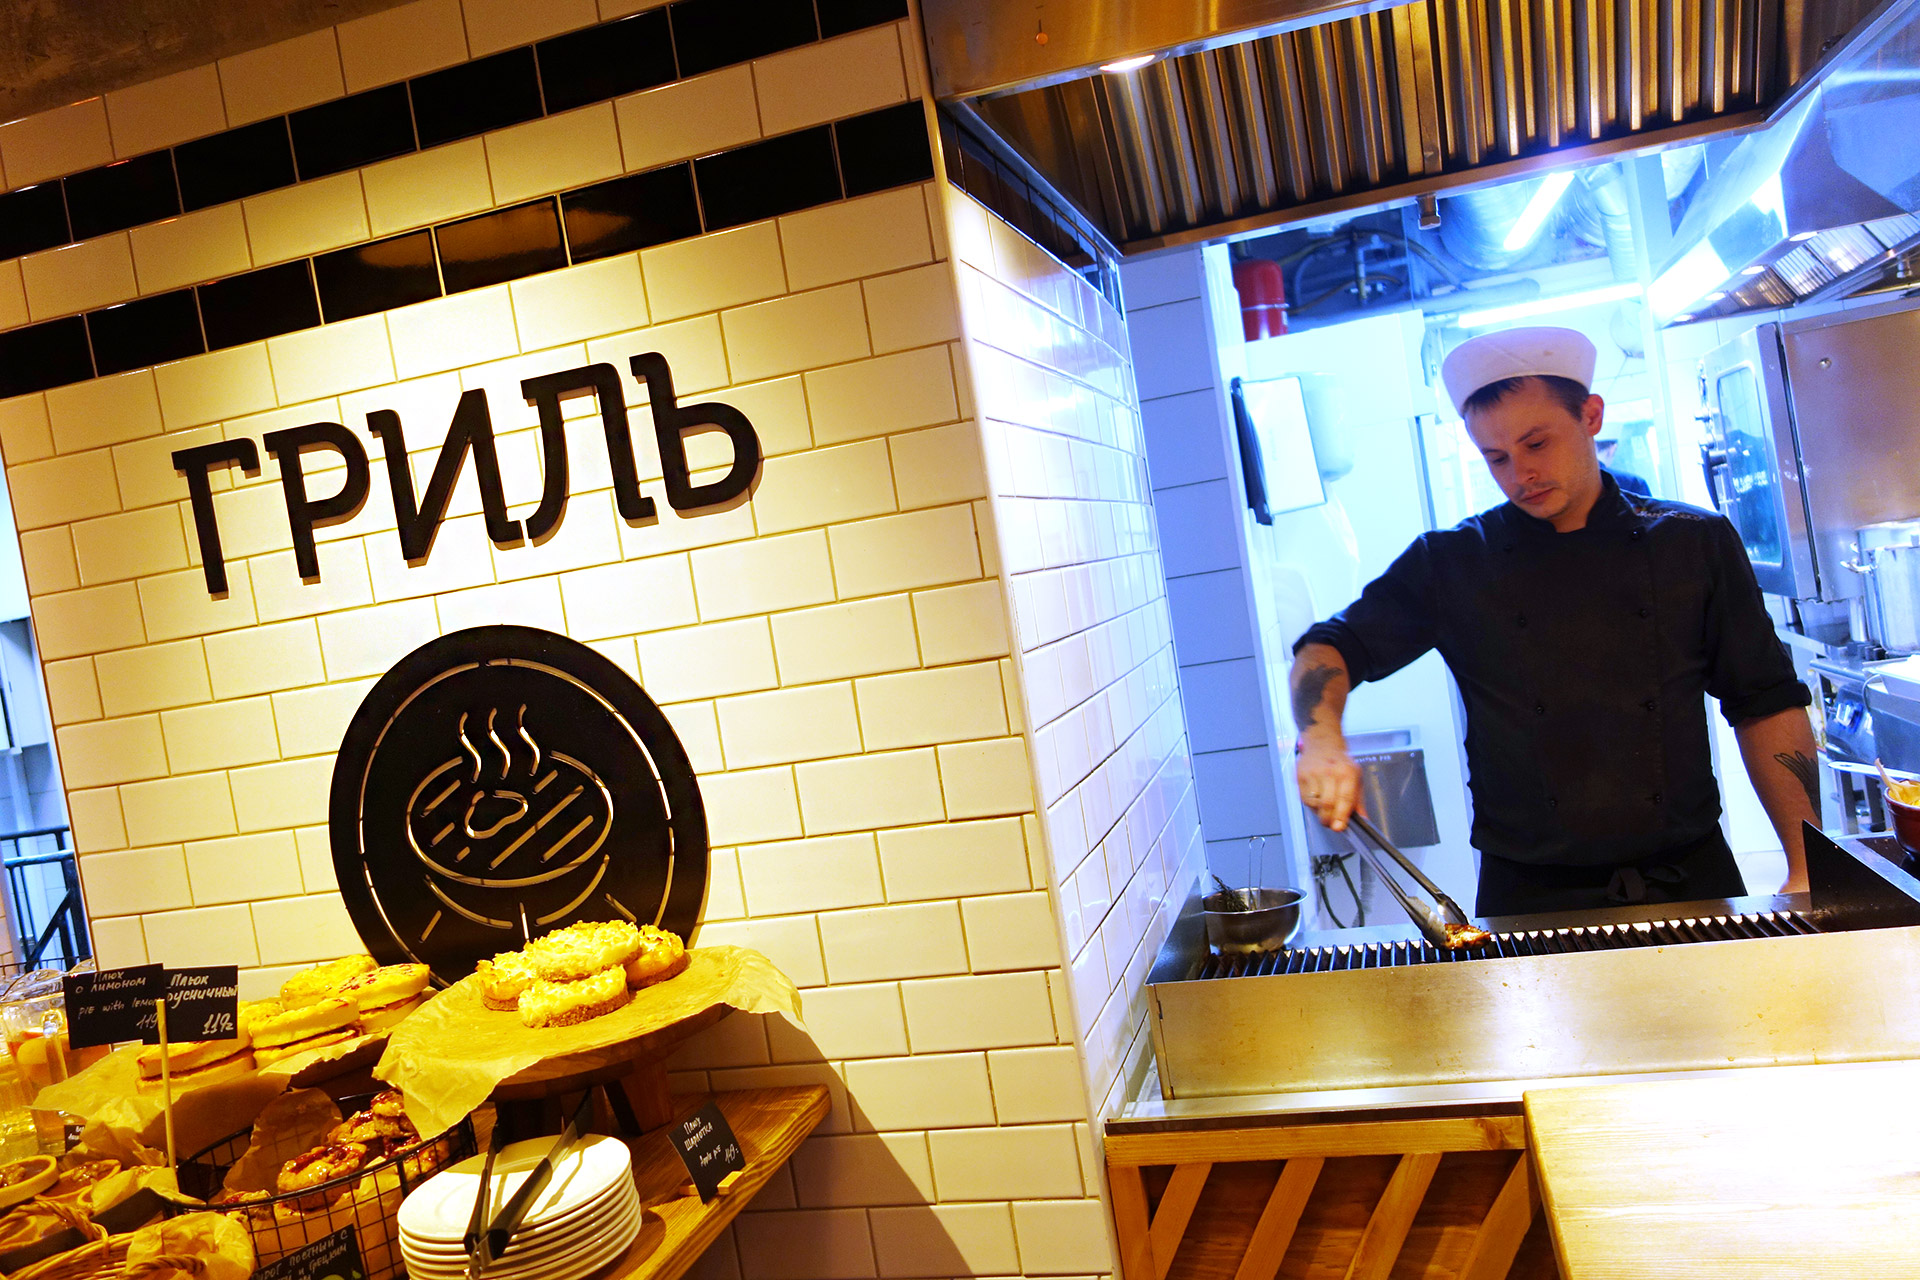 Асгард Брендинг, фирменный стиль, дизайн графической навигации, пиктограммы, ресторан Marketplace на Грибоедова, объемные буквы, графический дизайн